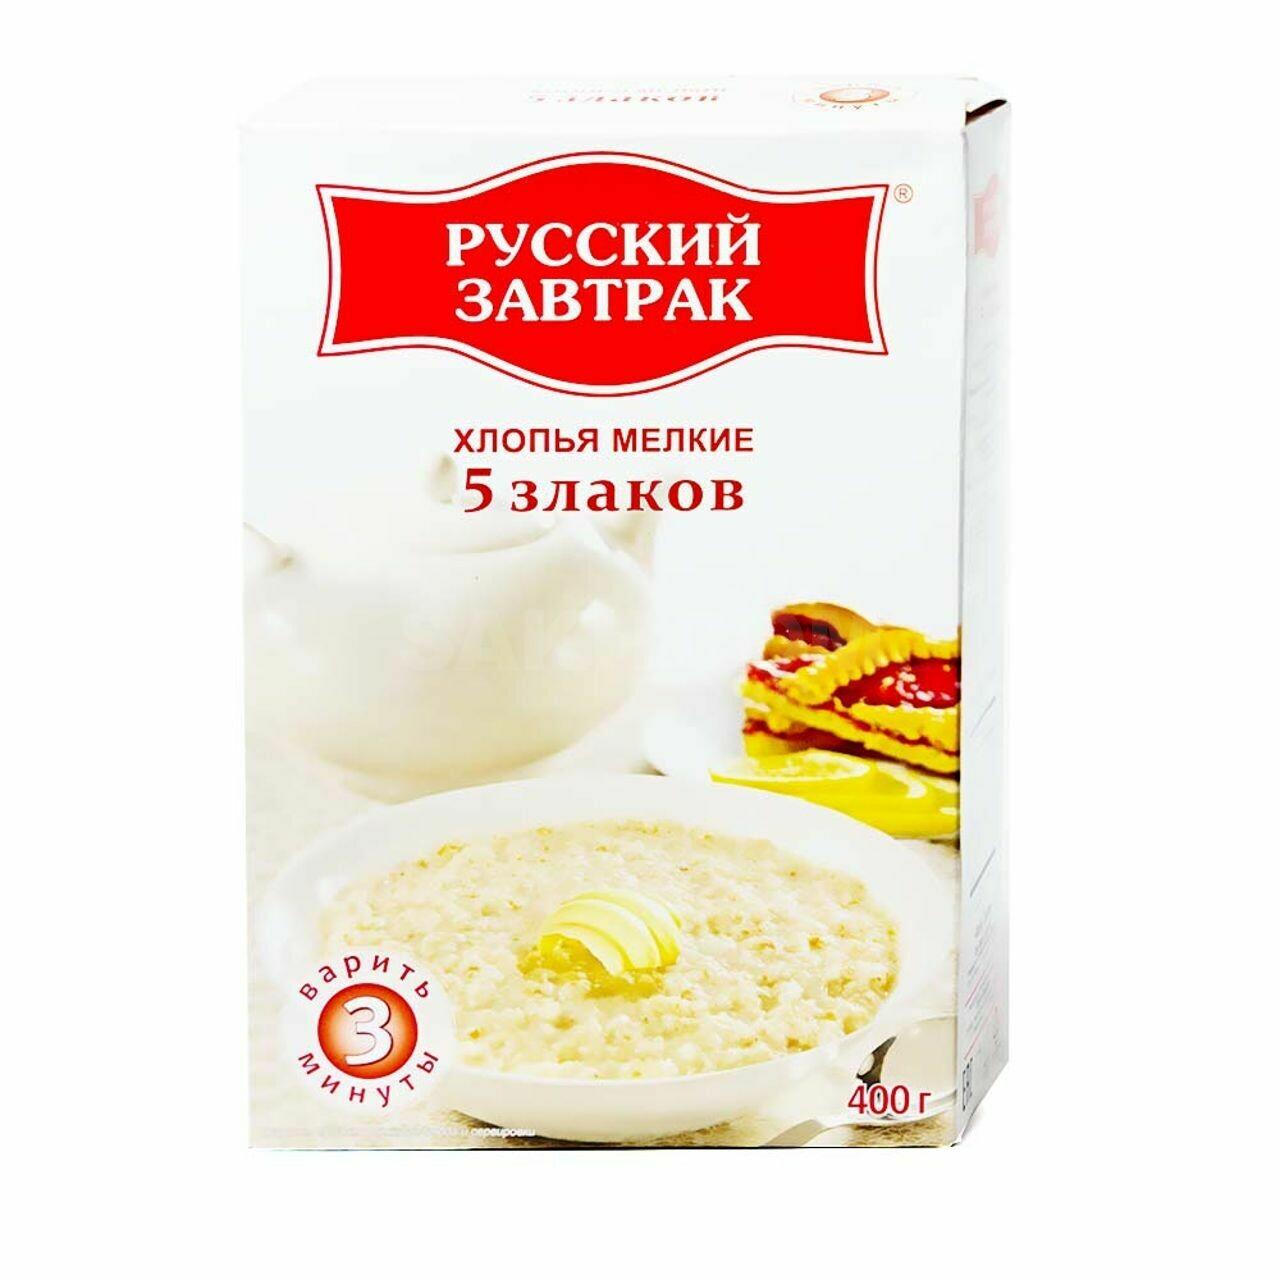 Хлопья 5 злаков 400г Русский завтрак